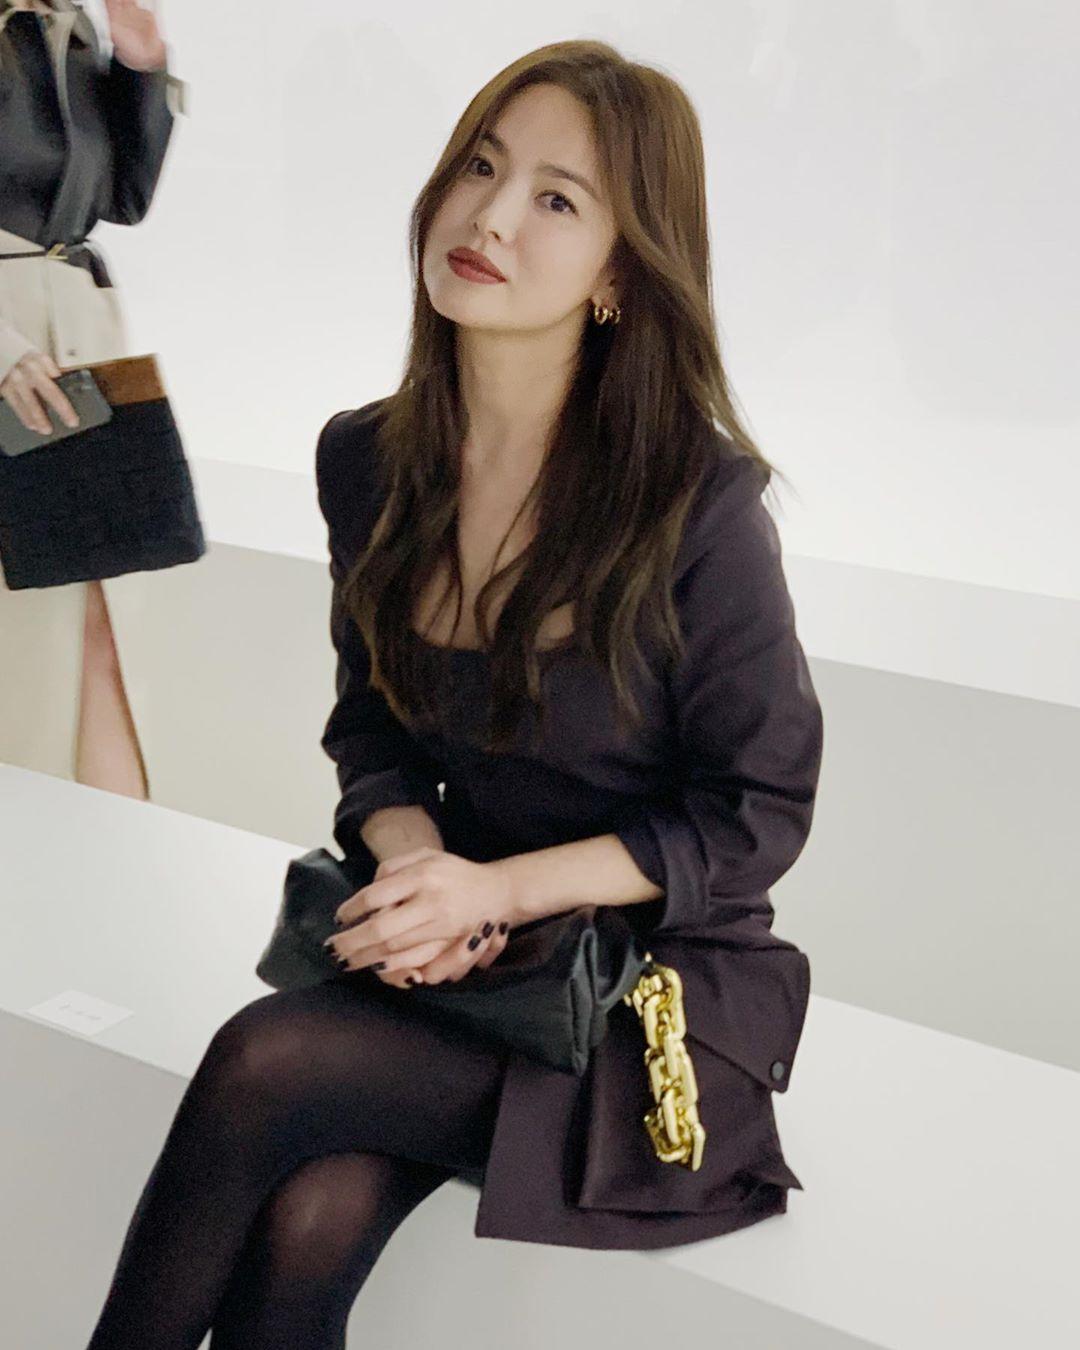 Song Hye Kyo diện đồ đen cực ngầu, chiếm sóng mọ - Ảnh 1.